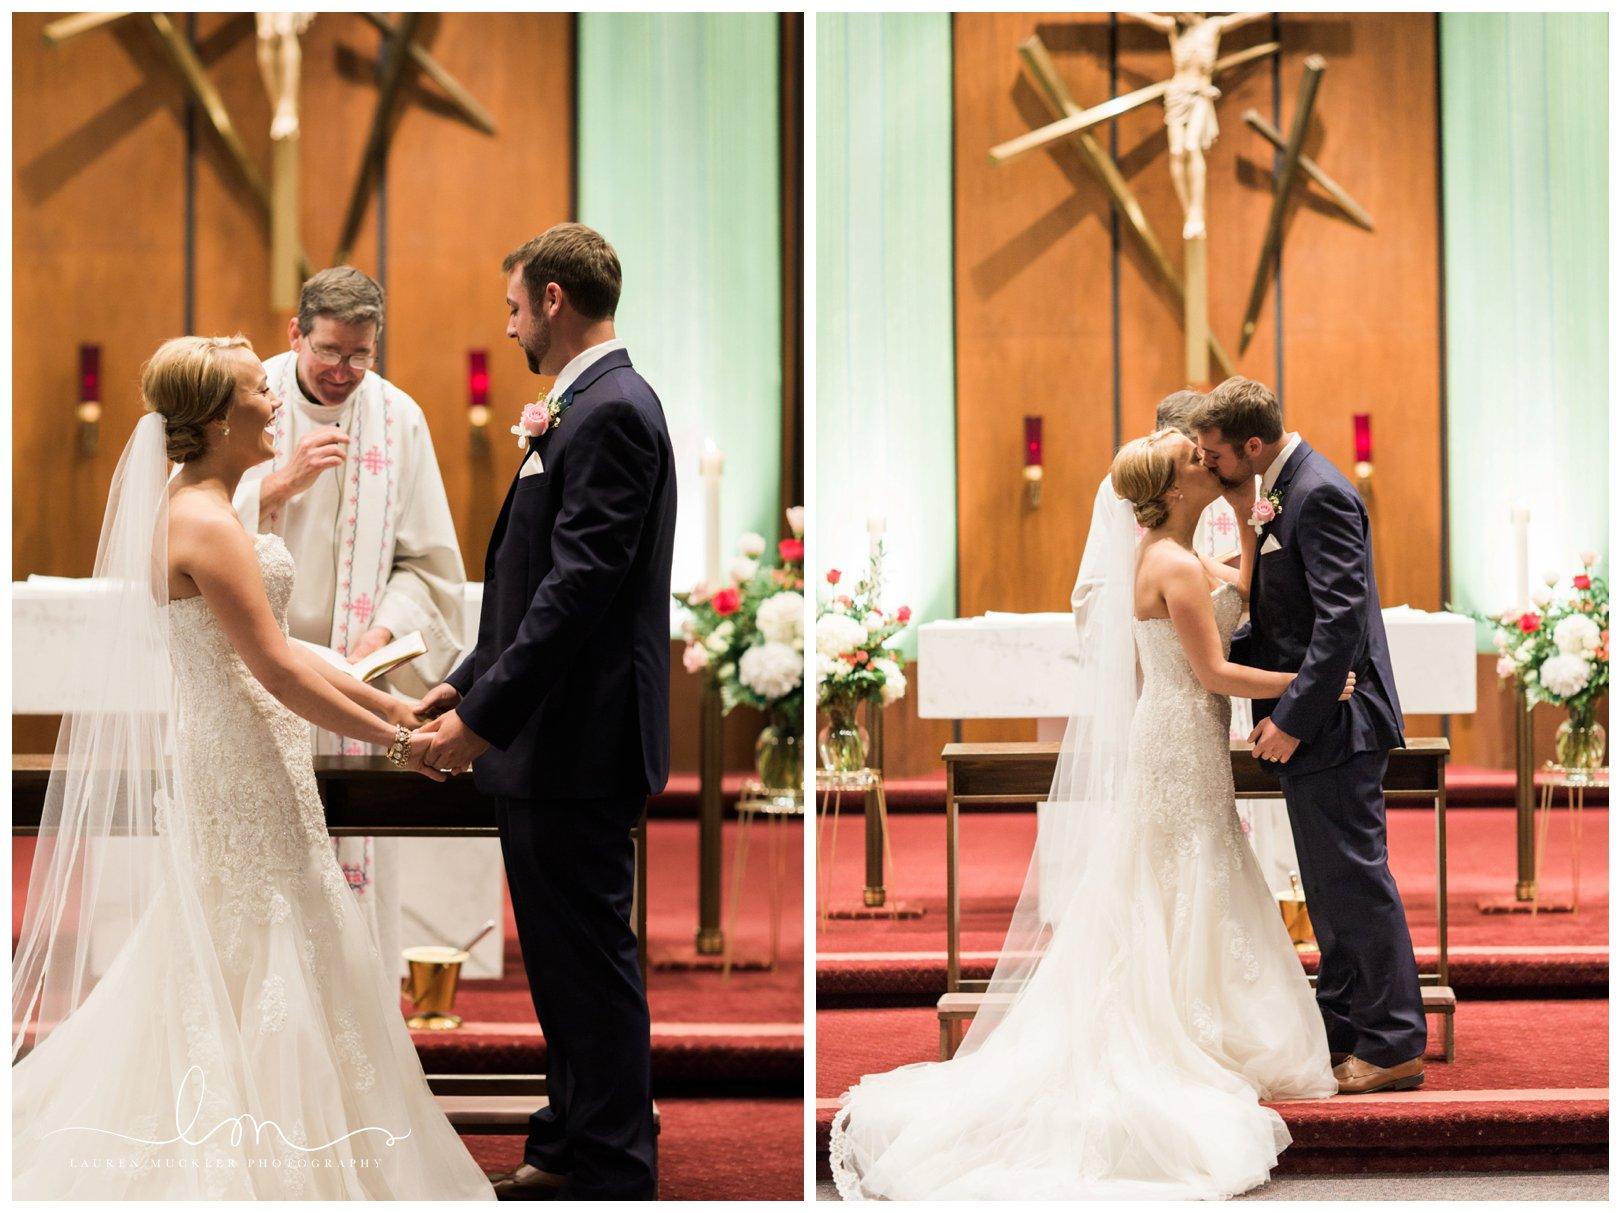 lauren muckler photography_fine art film wedding photography_st louis_photography_0391.jpg